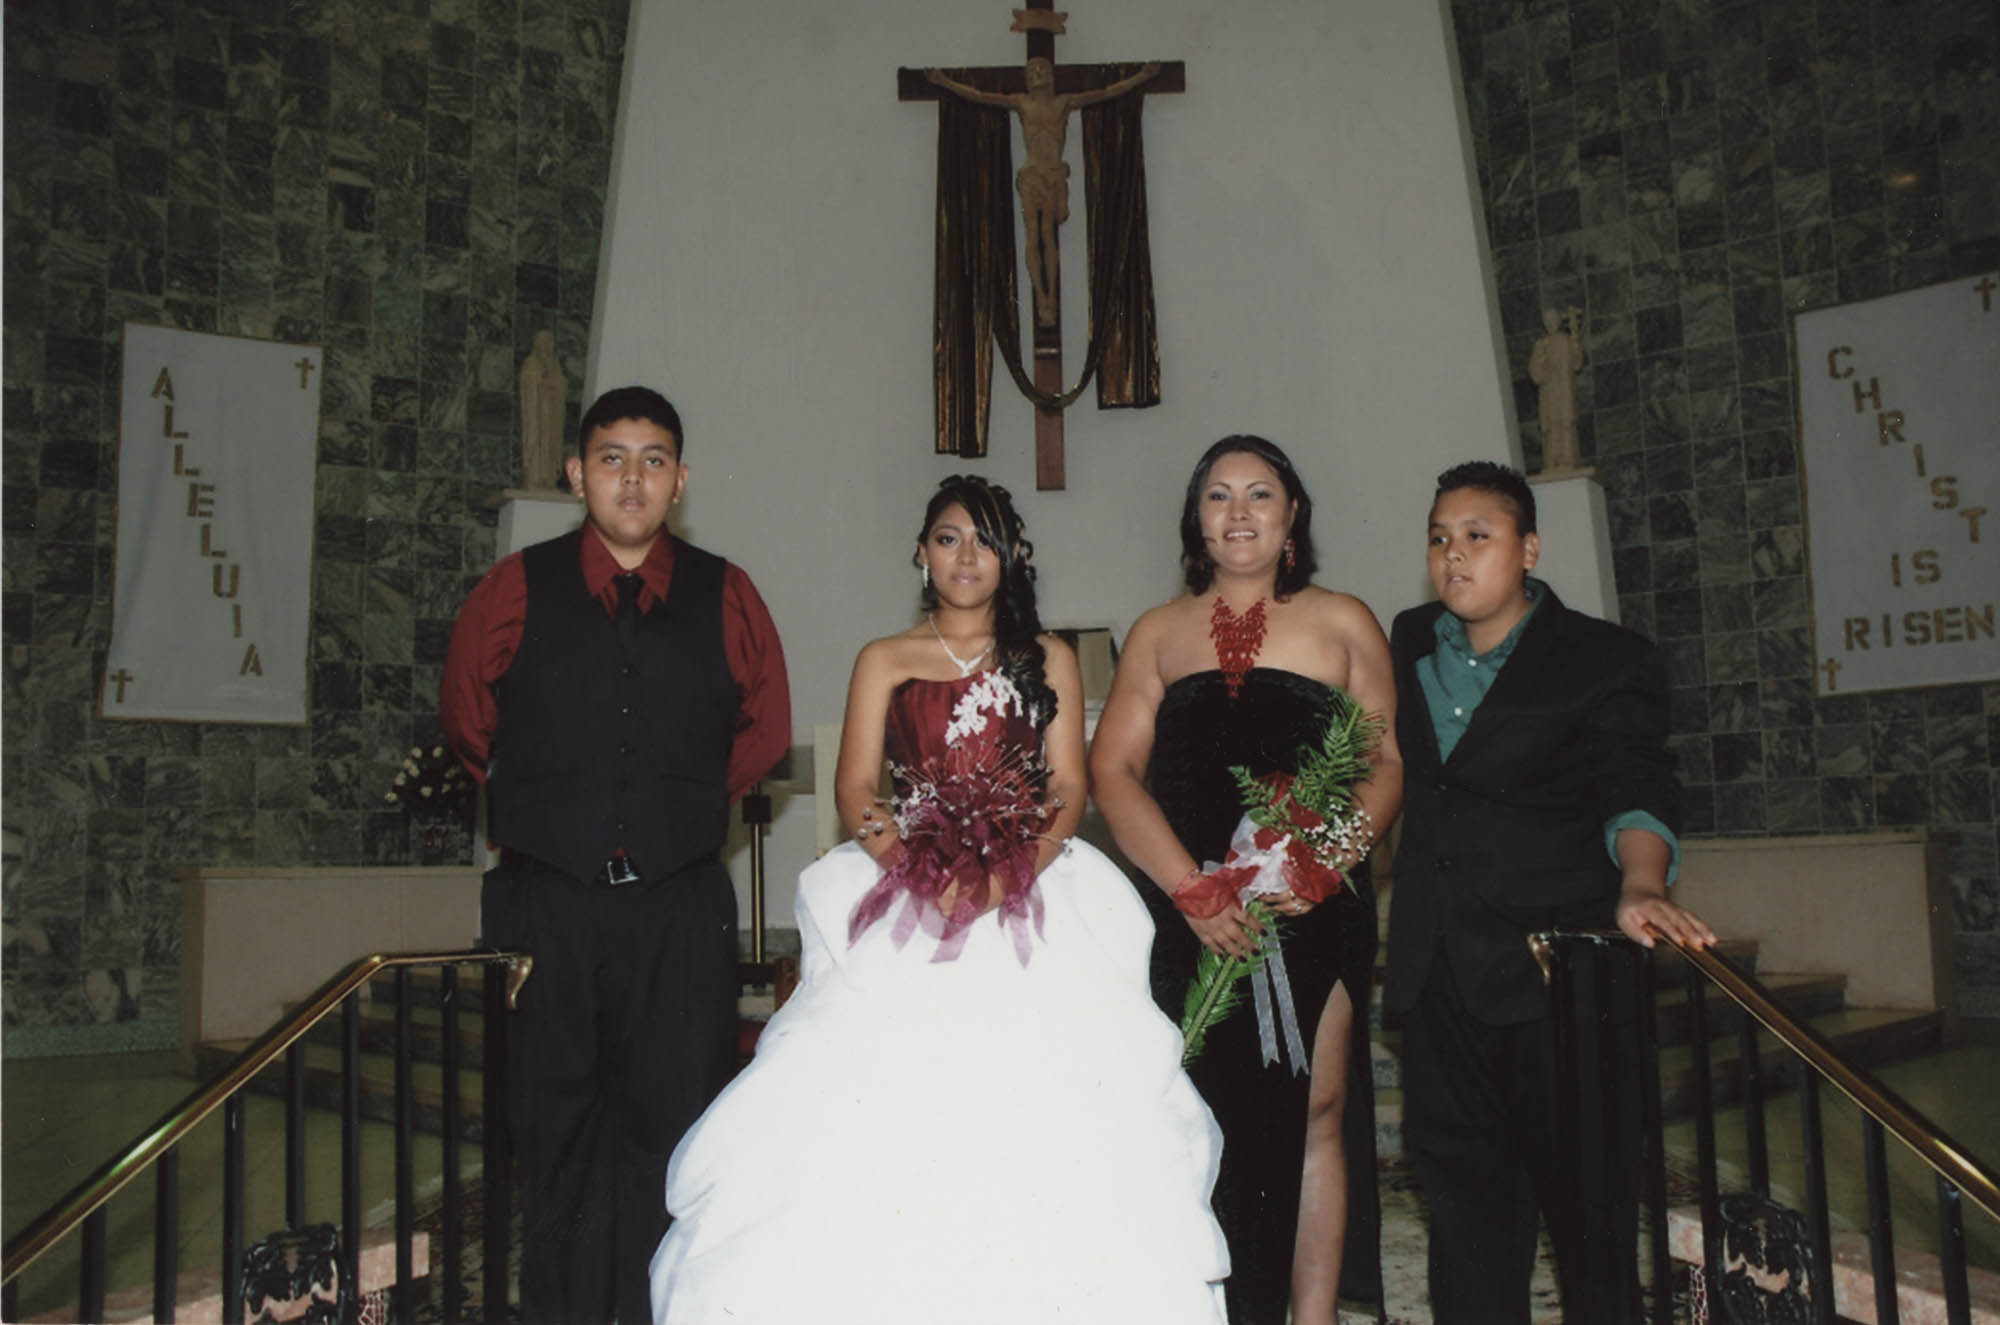 Fotografía de una quinceañera en la iglesia  /  Photograph of a Quinceañera at Church